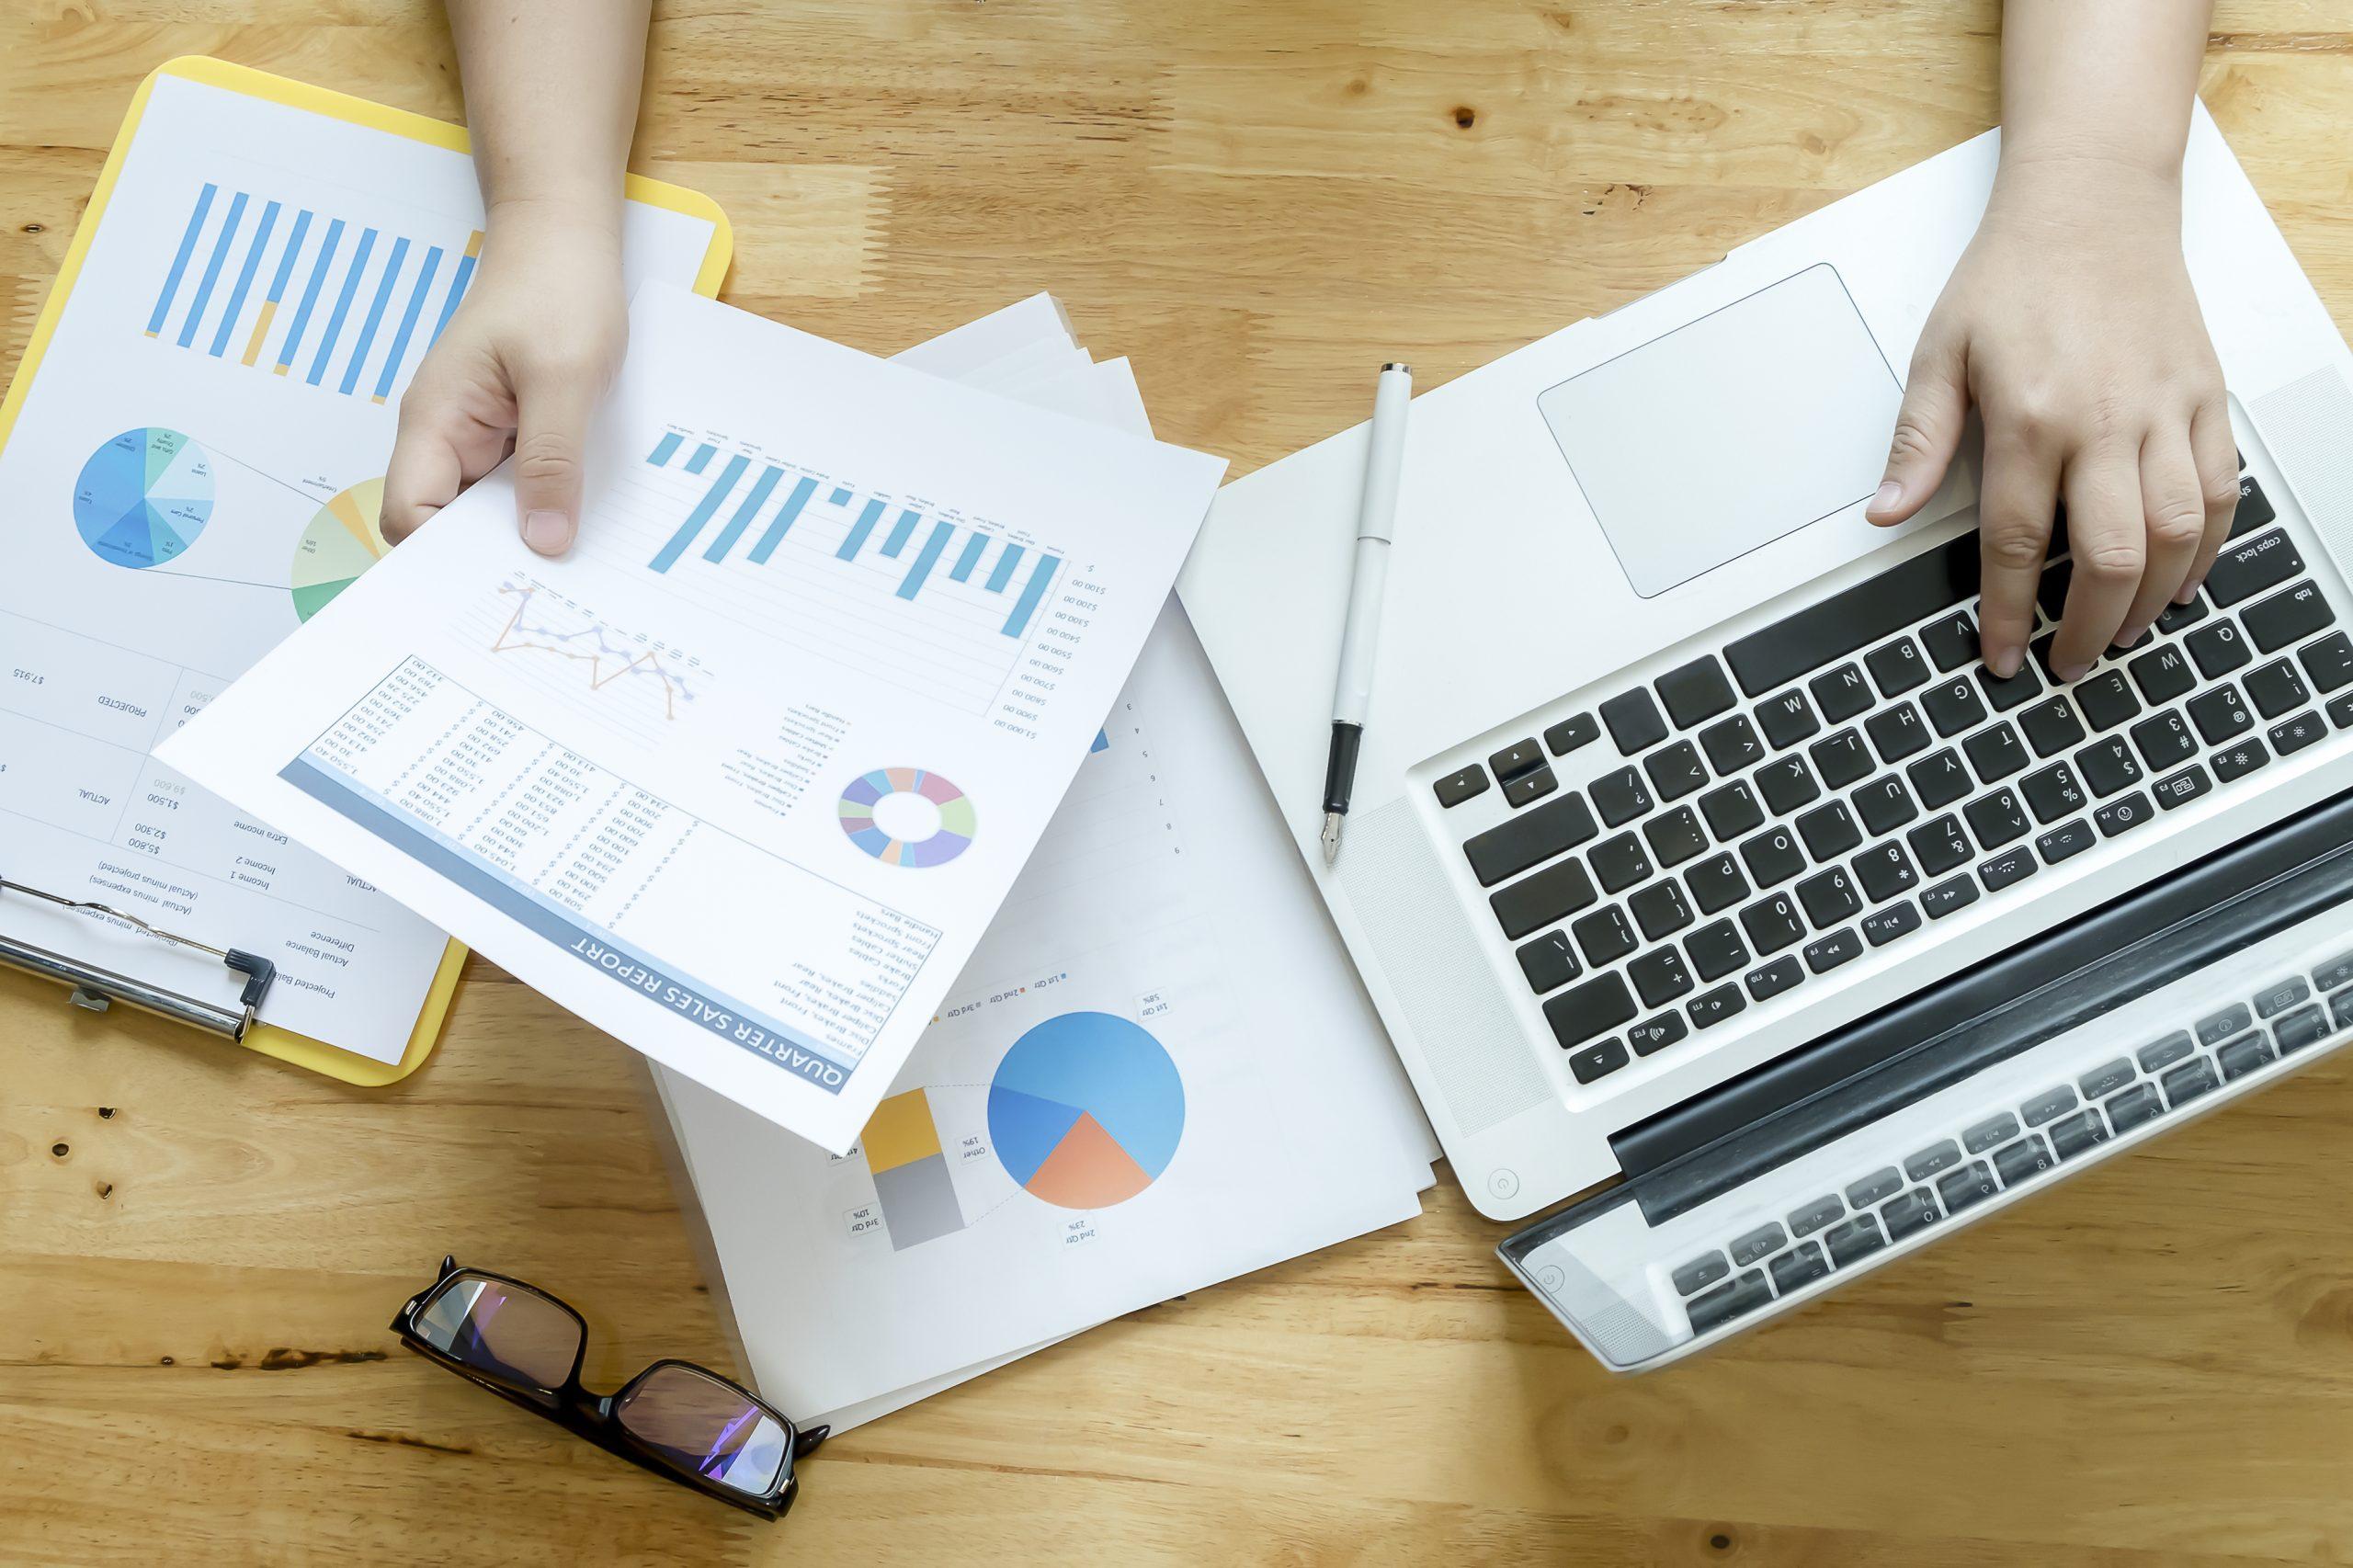 À esquerda da imagem, papéis e um óculos sobre a mesa. A mão de um homem segura um papel onde existem gráficos. À direita da imagem, o mesmo homem toca em um notebook que está sobre a mesa.